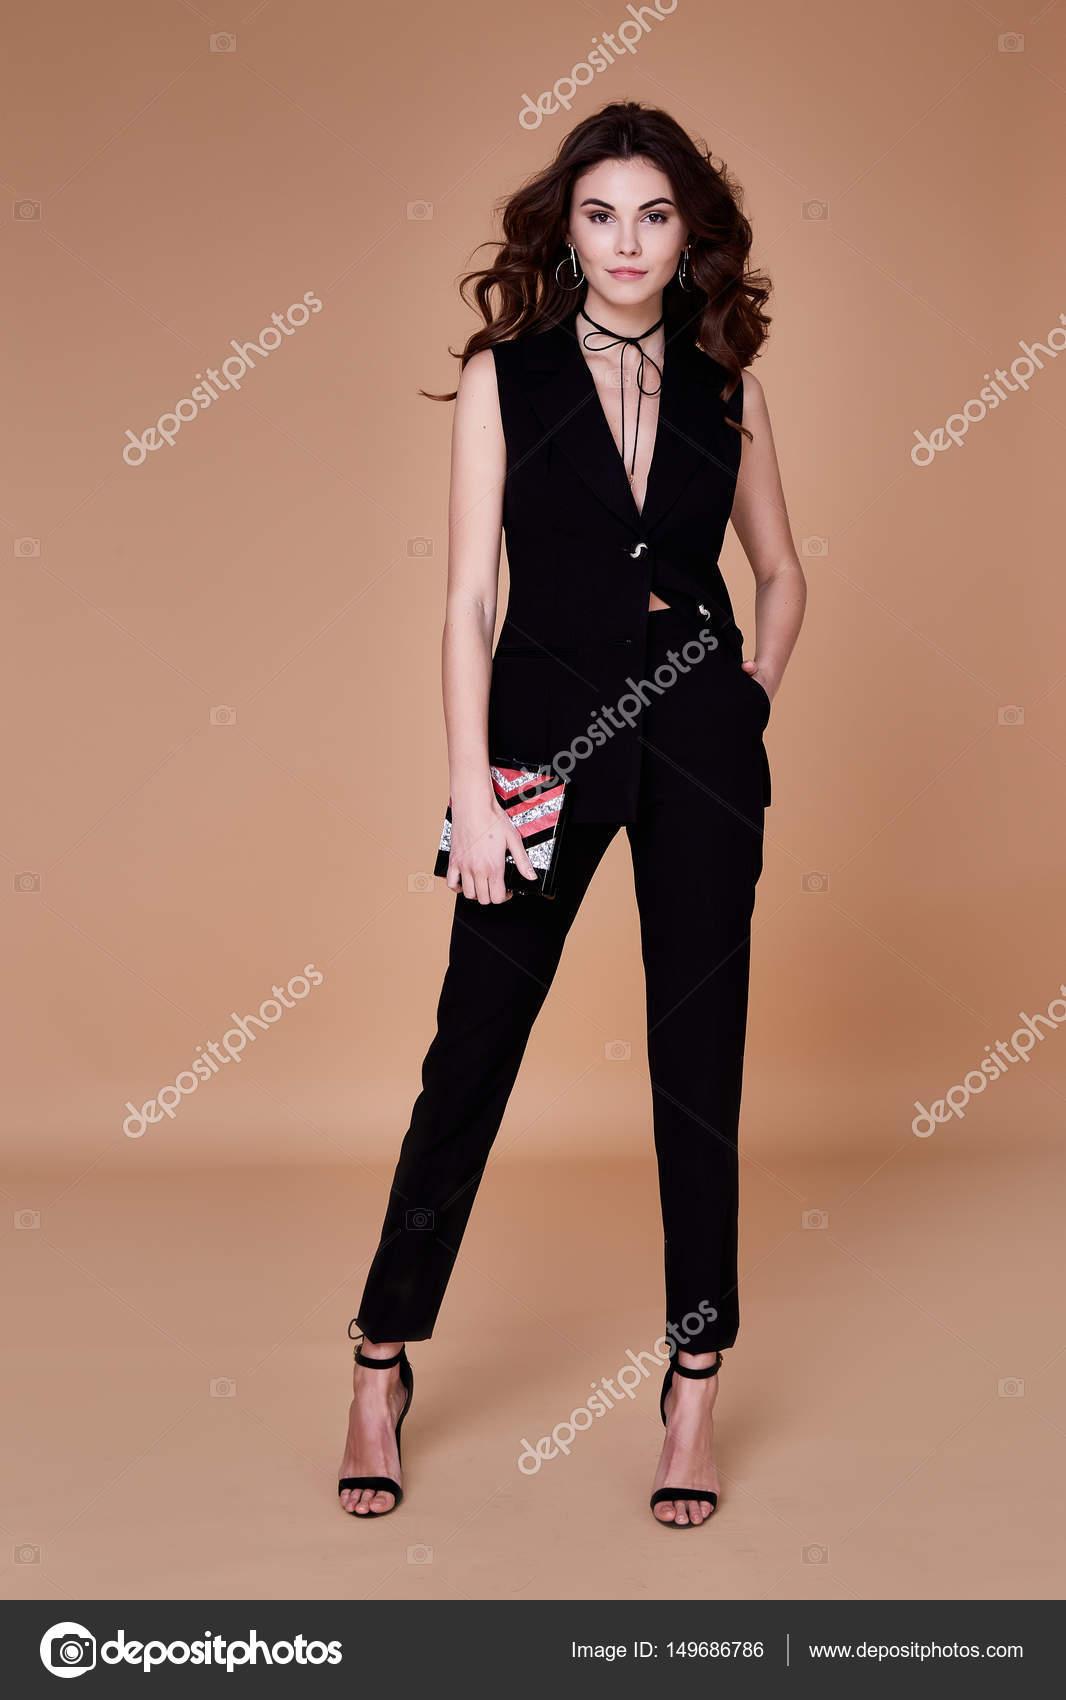 Hermosa Negro Sexy Pantalones Vista Guapa Chica Traje Chaqueta Y De qgwfESz7n